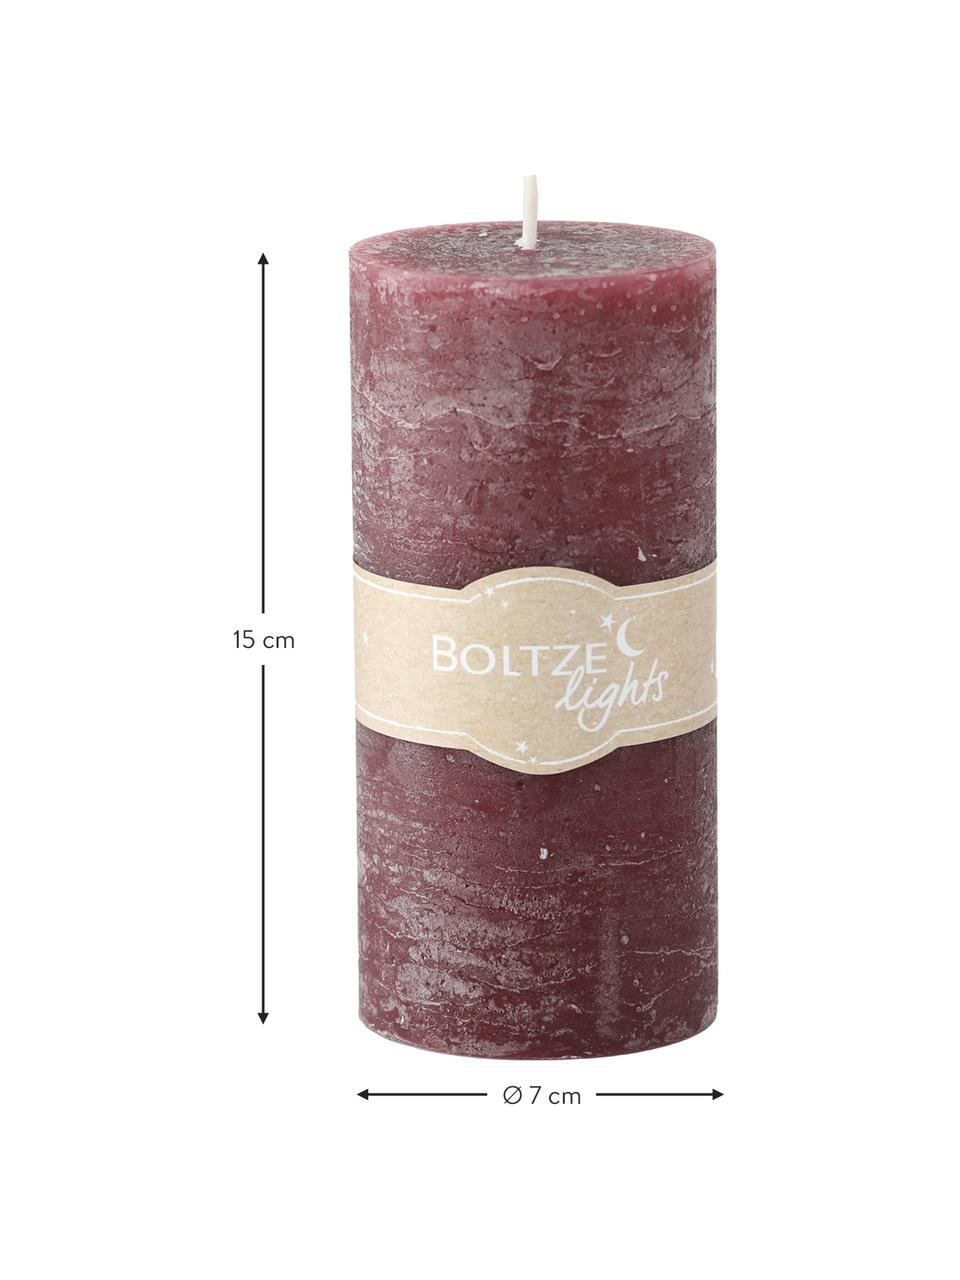 Stumpenkerzen-Set Trent, 3-tlg., Wachs, Rottöne, Ø 7 x H 15 cm